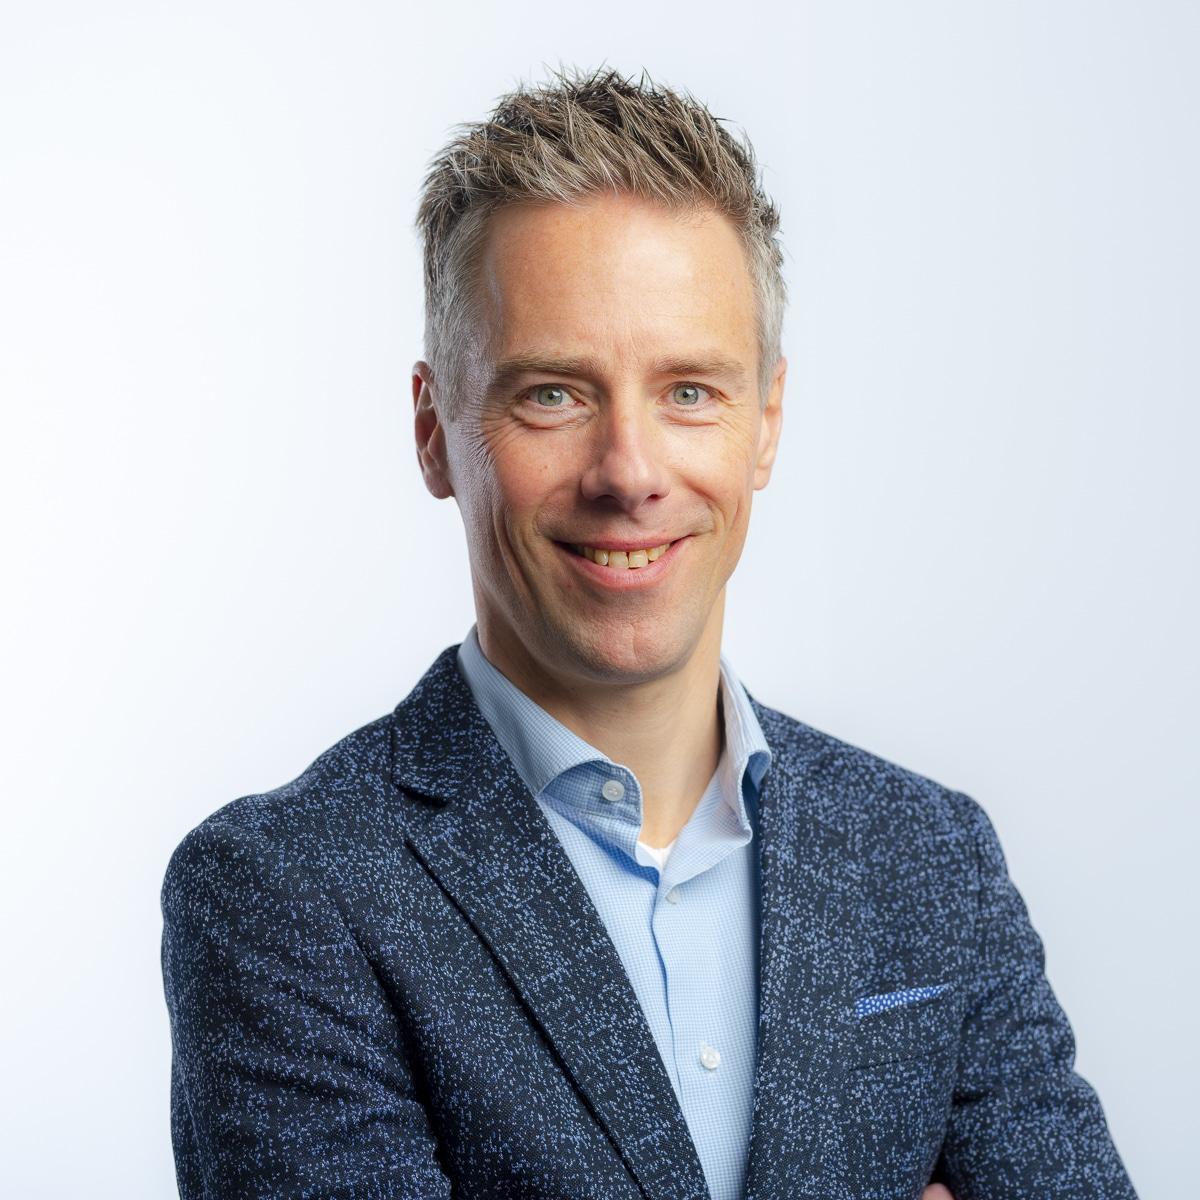 Pieter Westland